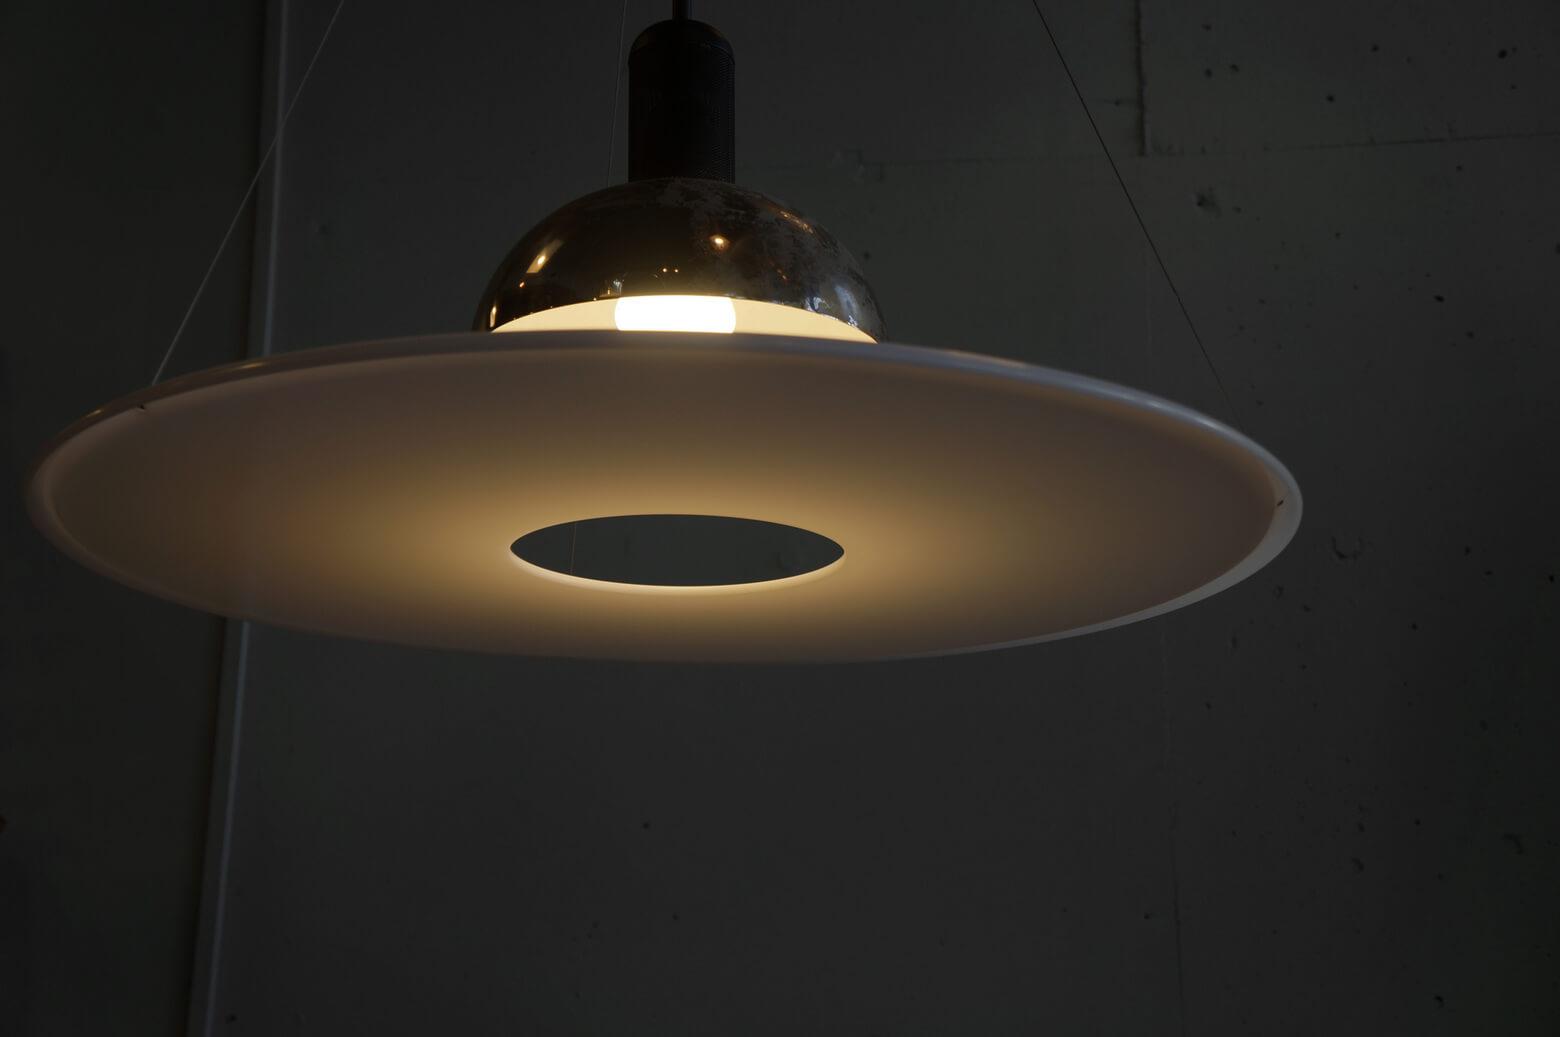 """FLOS pandant light """"FRISBI"""" Achille Castiglioni/フロス ペンダントライト """"フリスビー"""" アッキーレ・カスティリオーニ"""